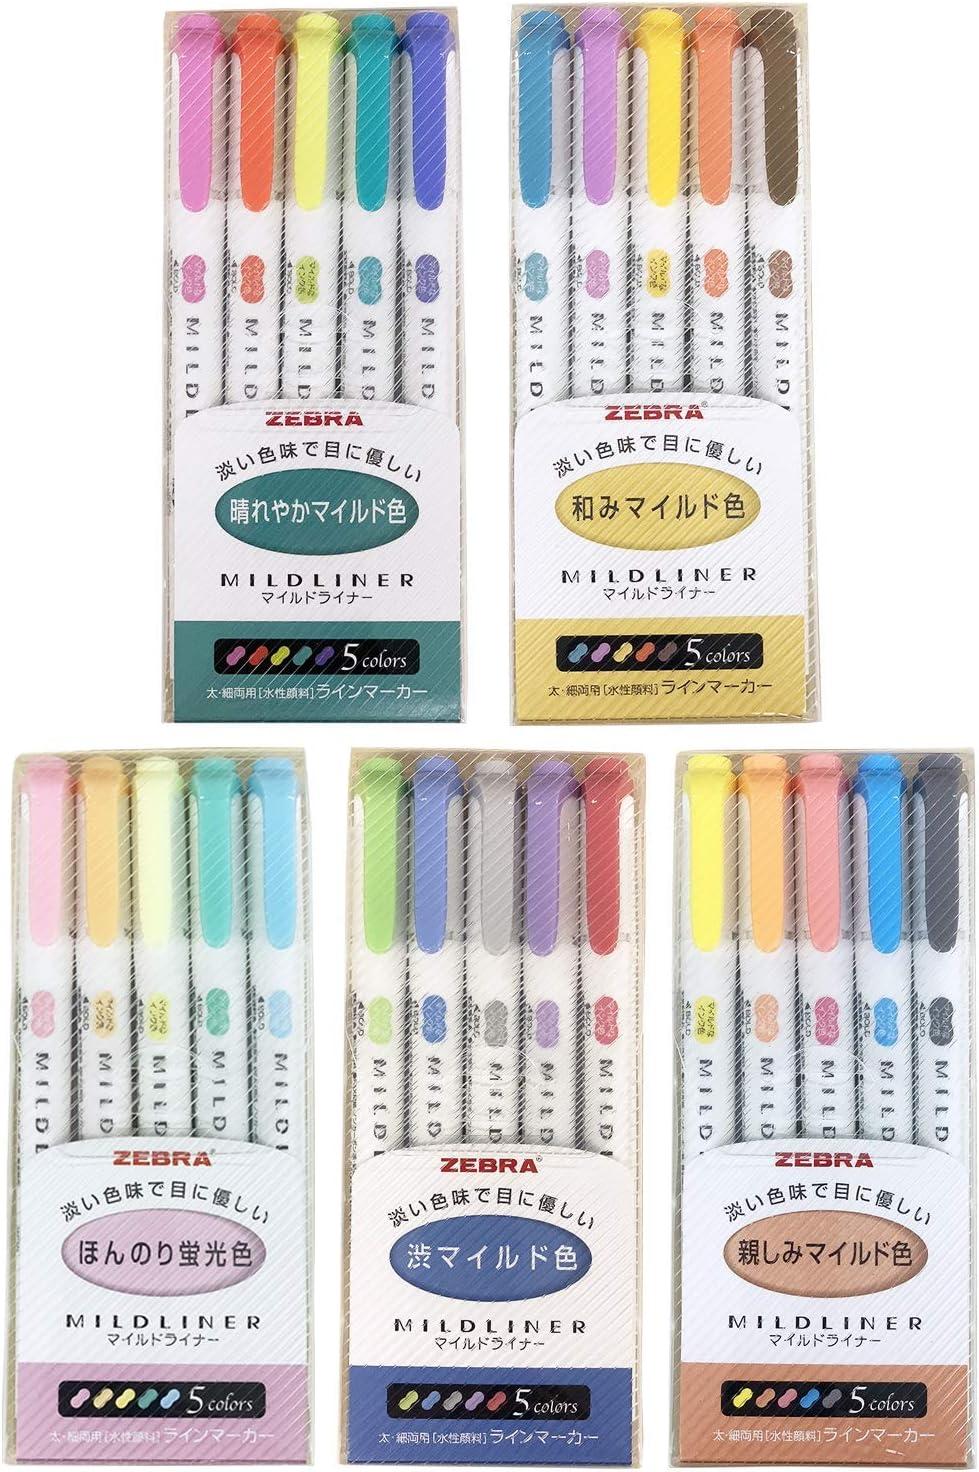 25 Marcadores Zebra Mildliner Colores Pastel